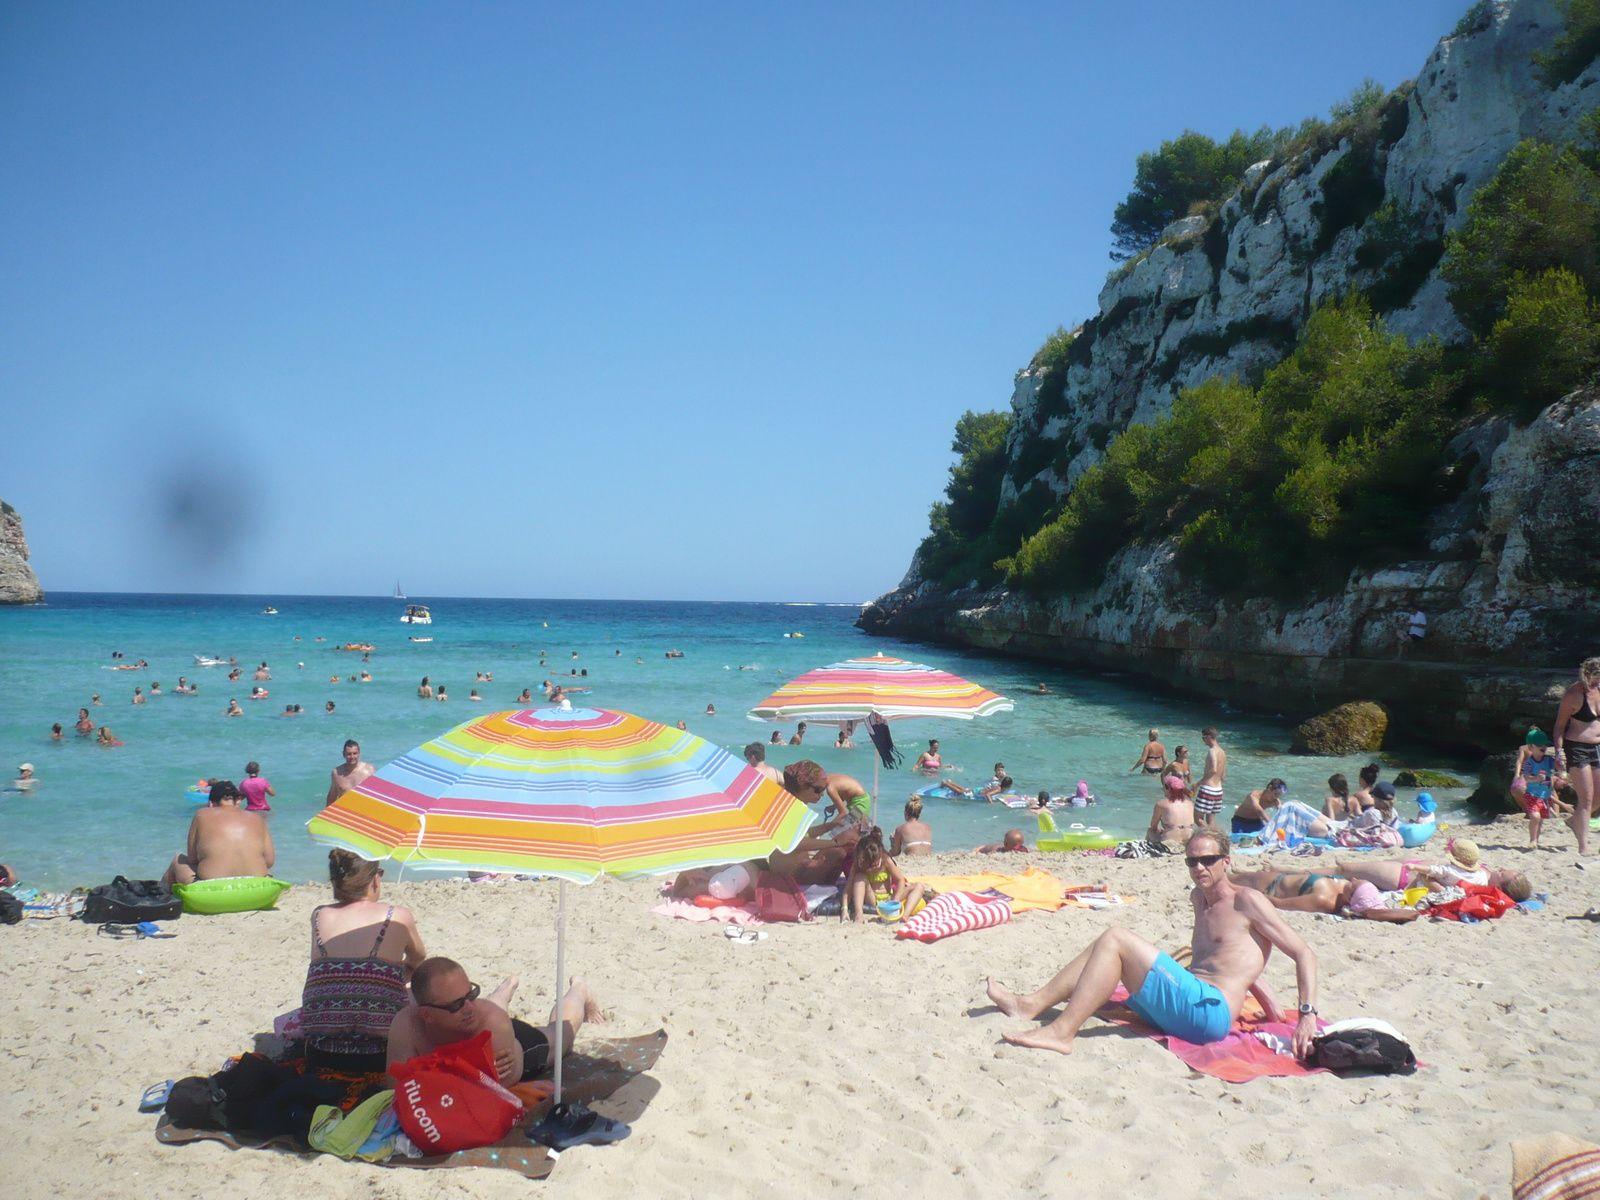 Club Marmara Del Mar à Porto Cristo, Majorque : de très bonnes vacances !